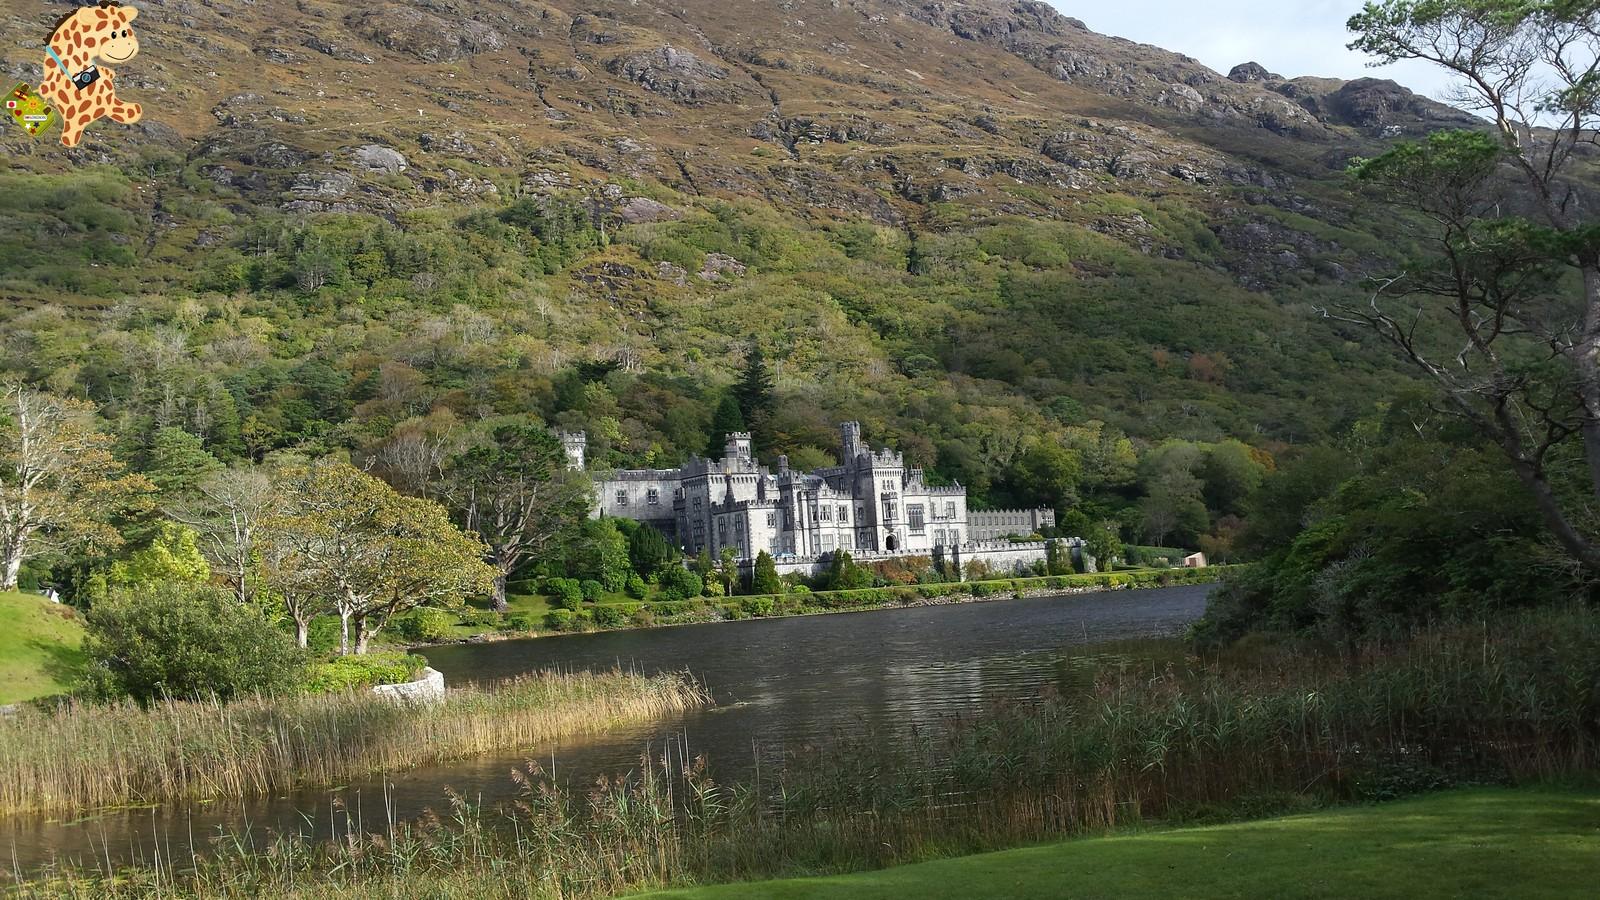 20151010 110740 - Irlanda en 10 días: región de Connemara y Galway